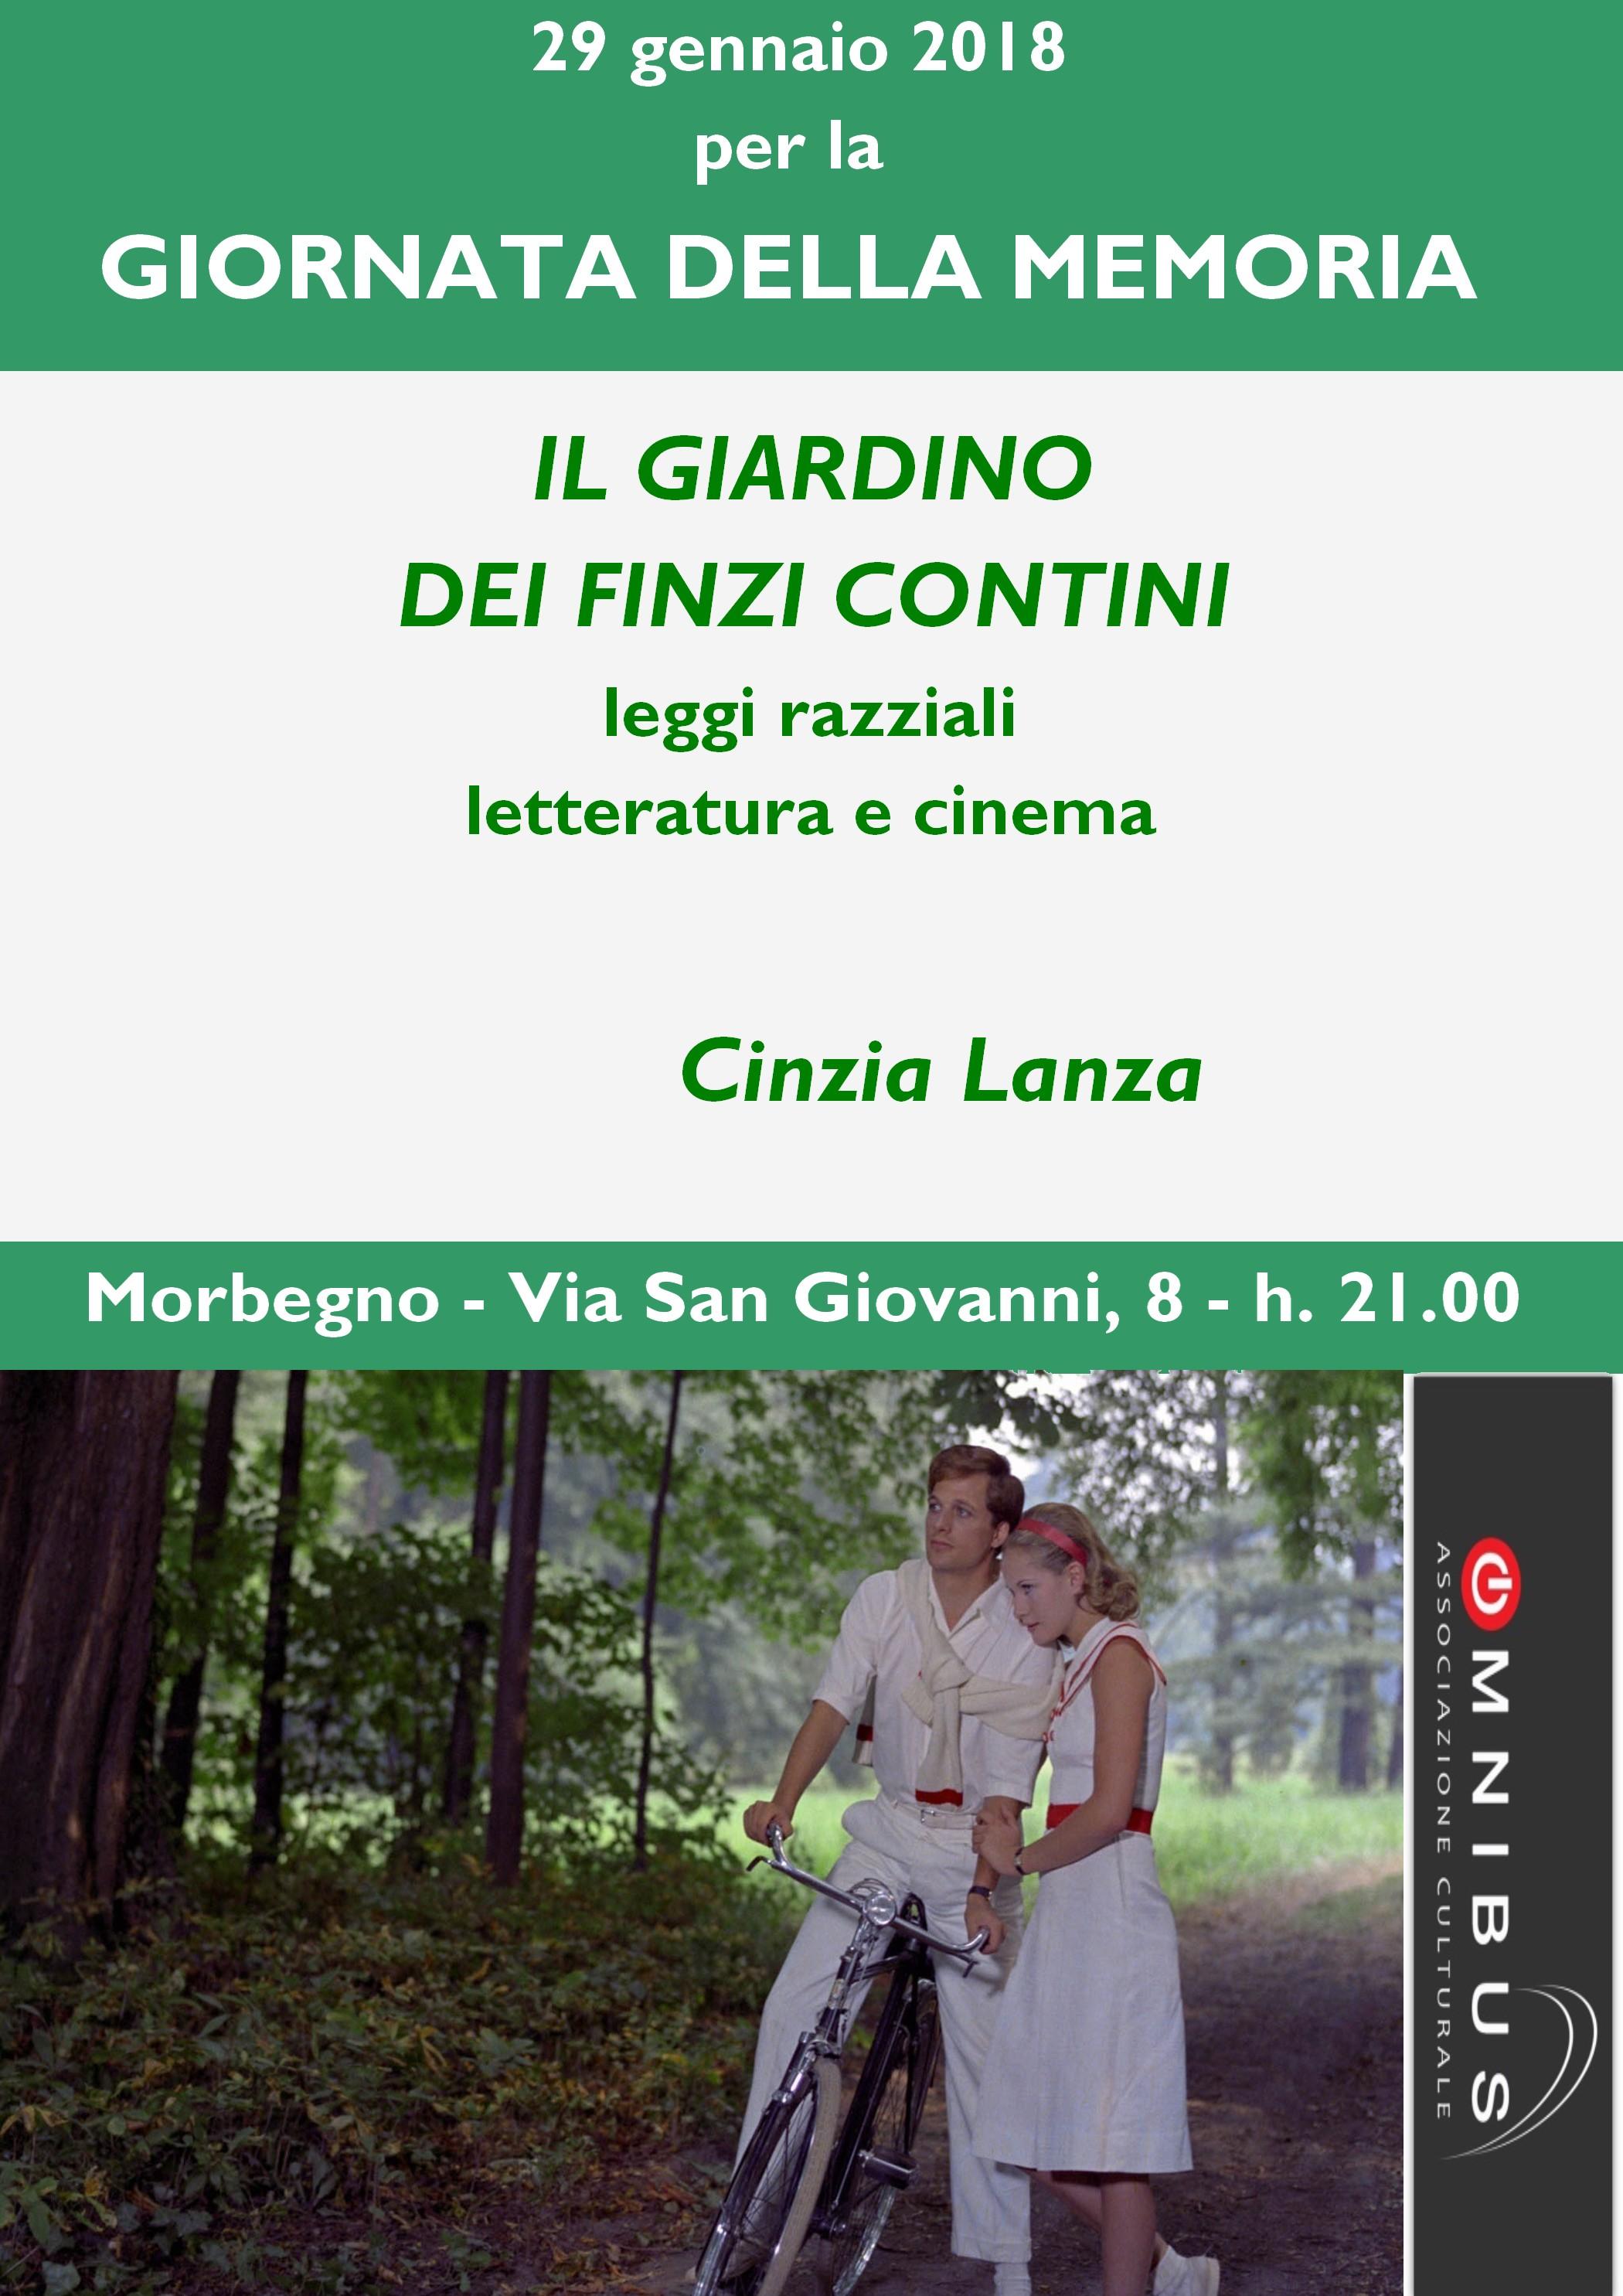 FinziContini6